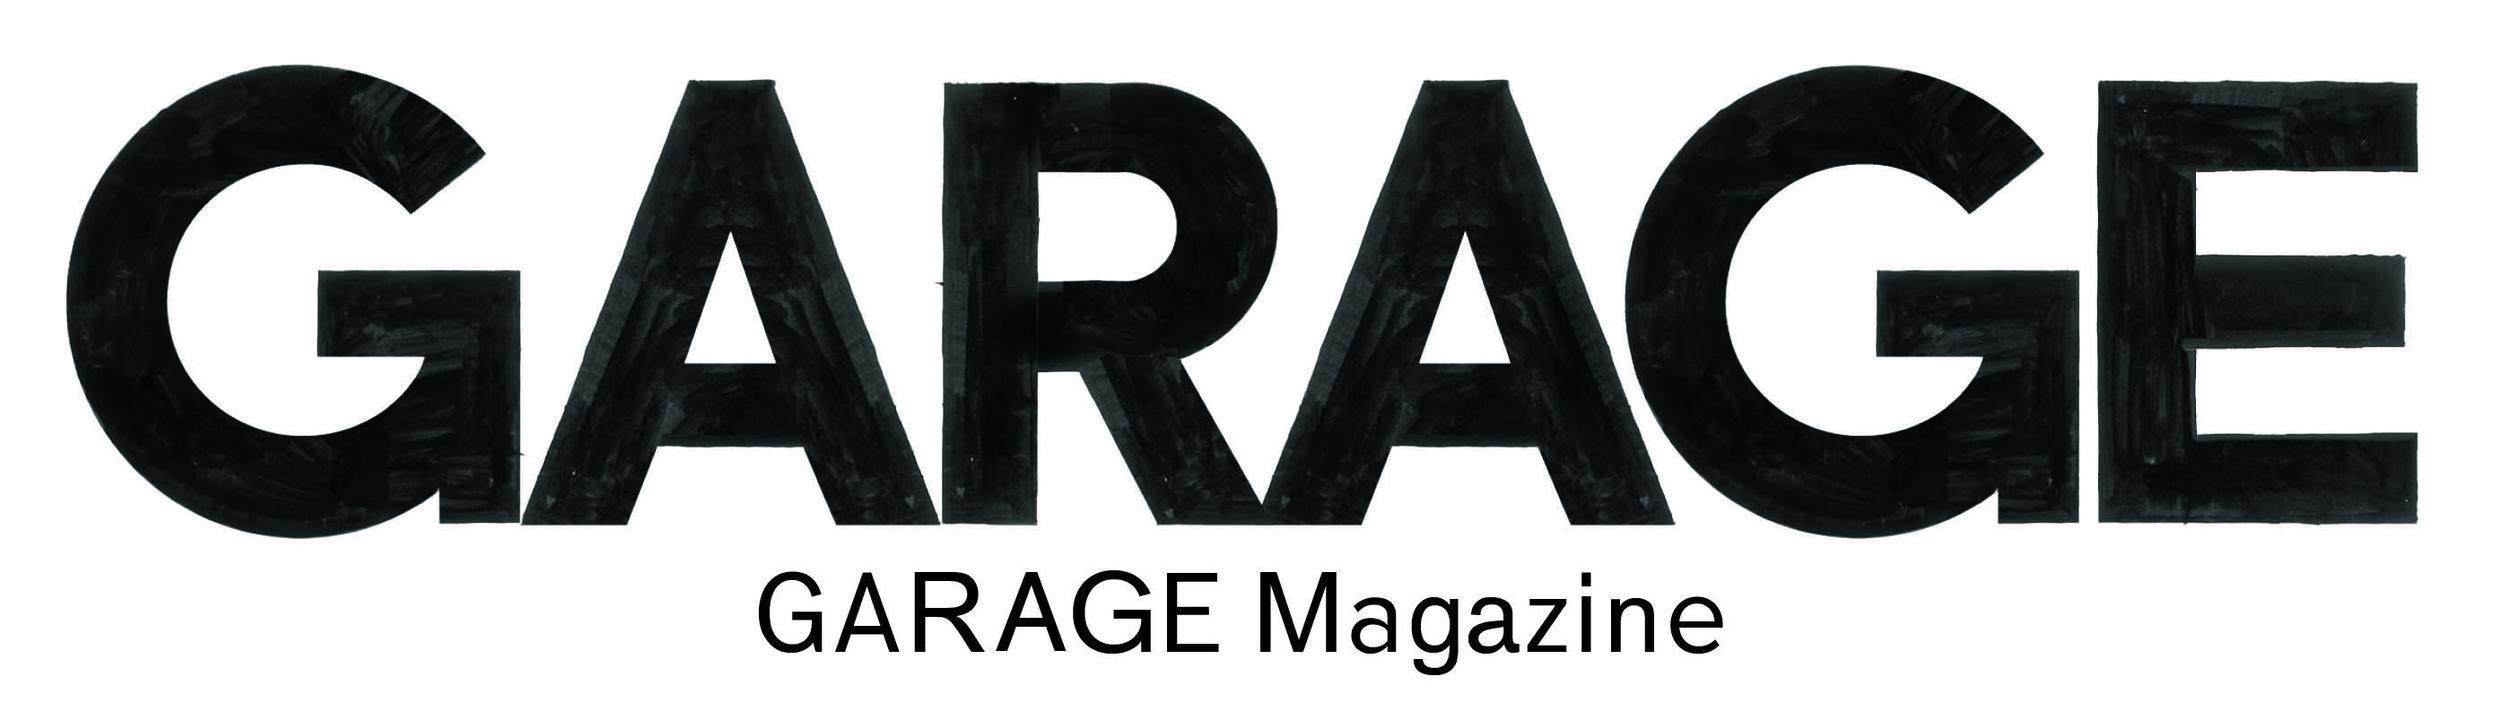 GARAGE_Magazine_Logo_v2-2015.jpg